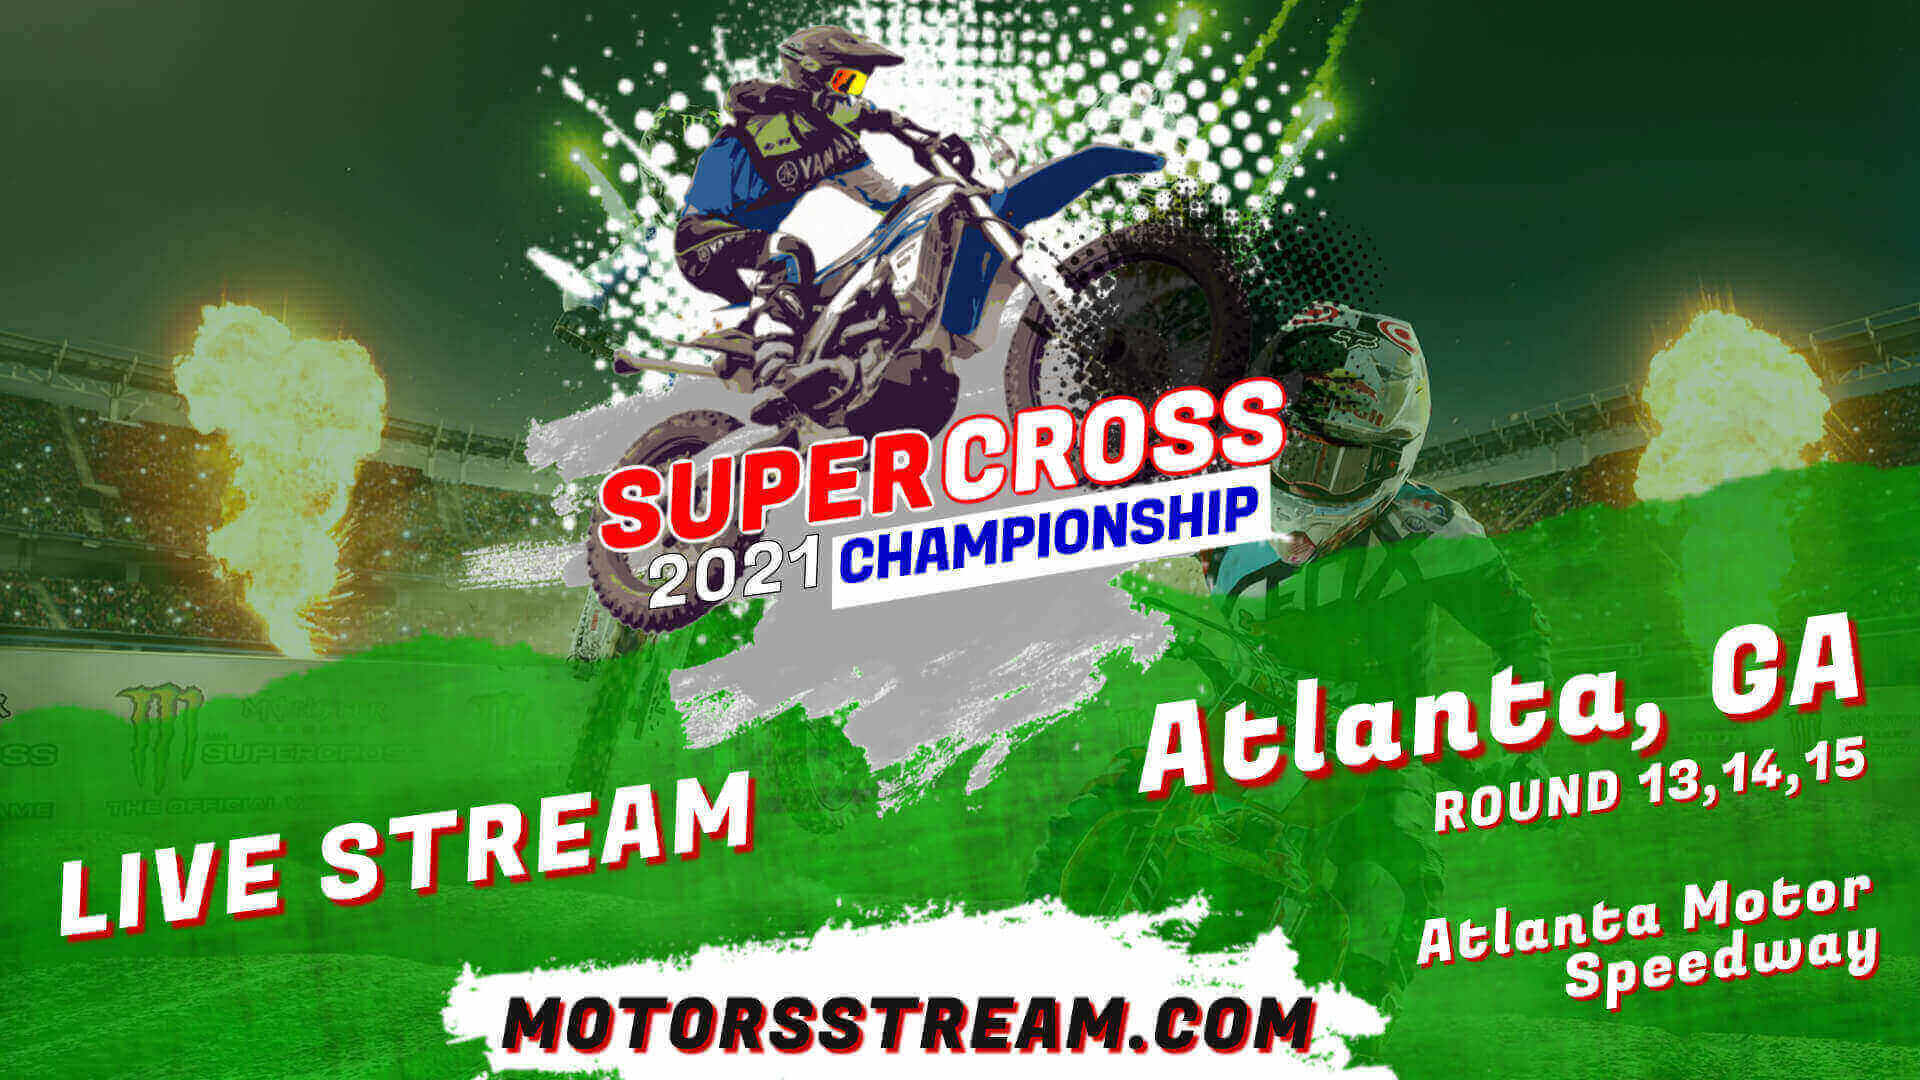 Atlanta Monster Energy Supercross Live Stream